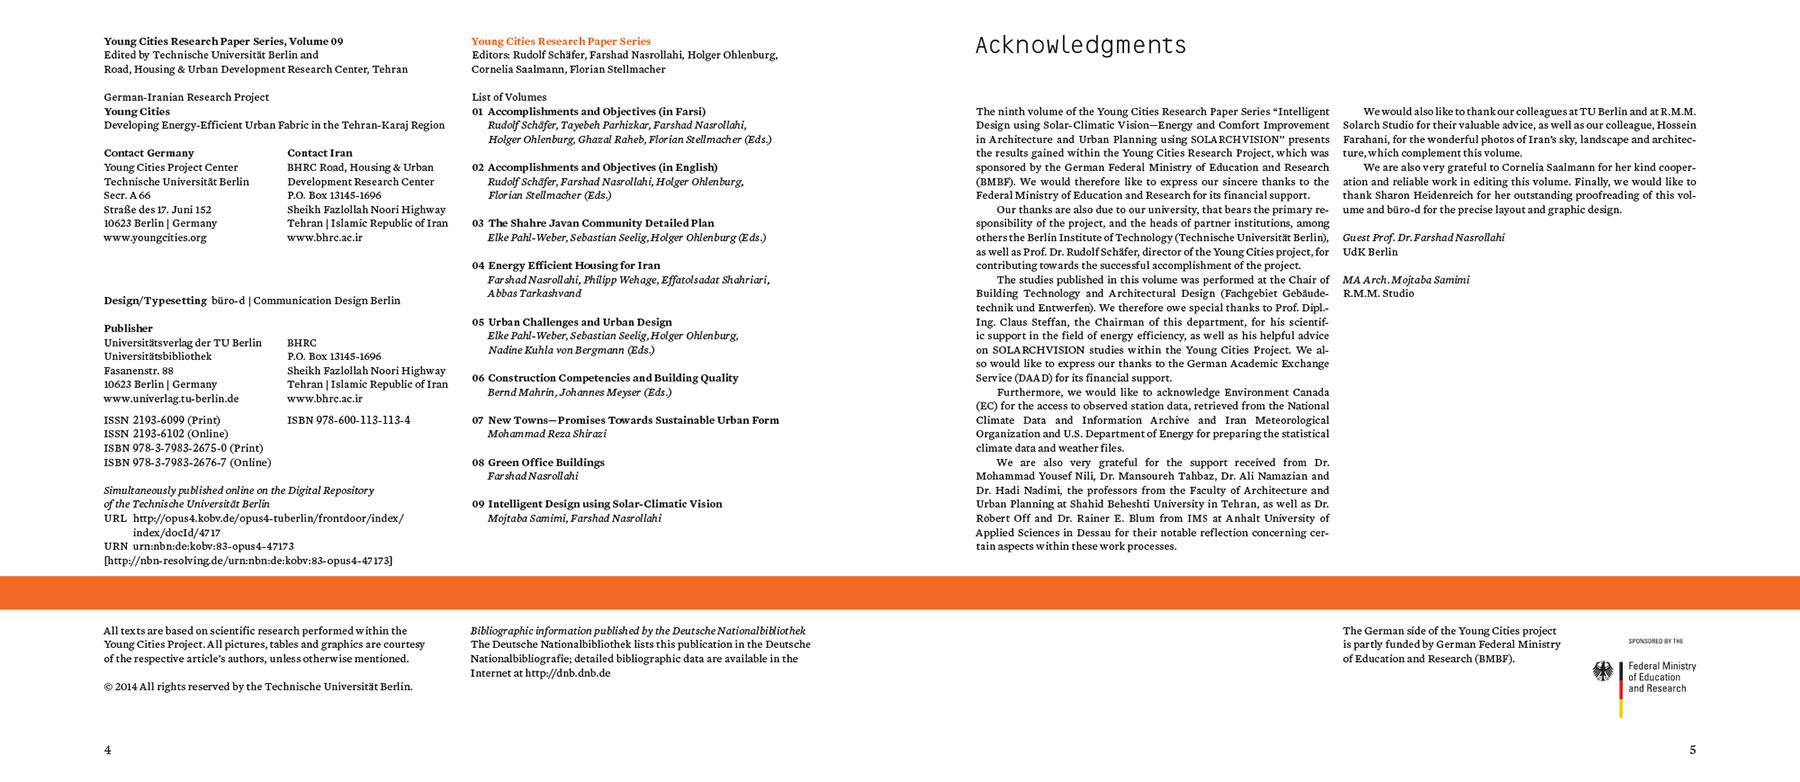 Vol09_-SolarClimaticVision-CD-Rom-v02-4.jpg